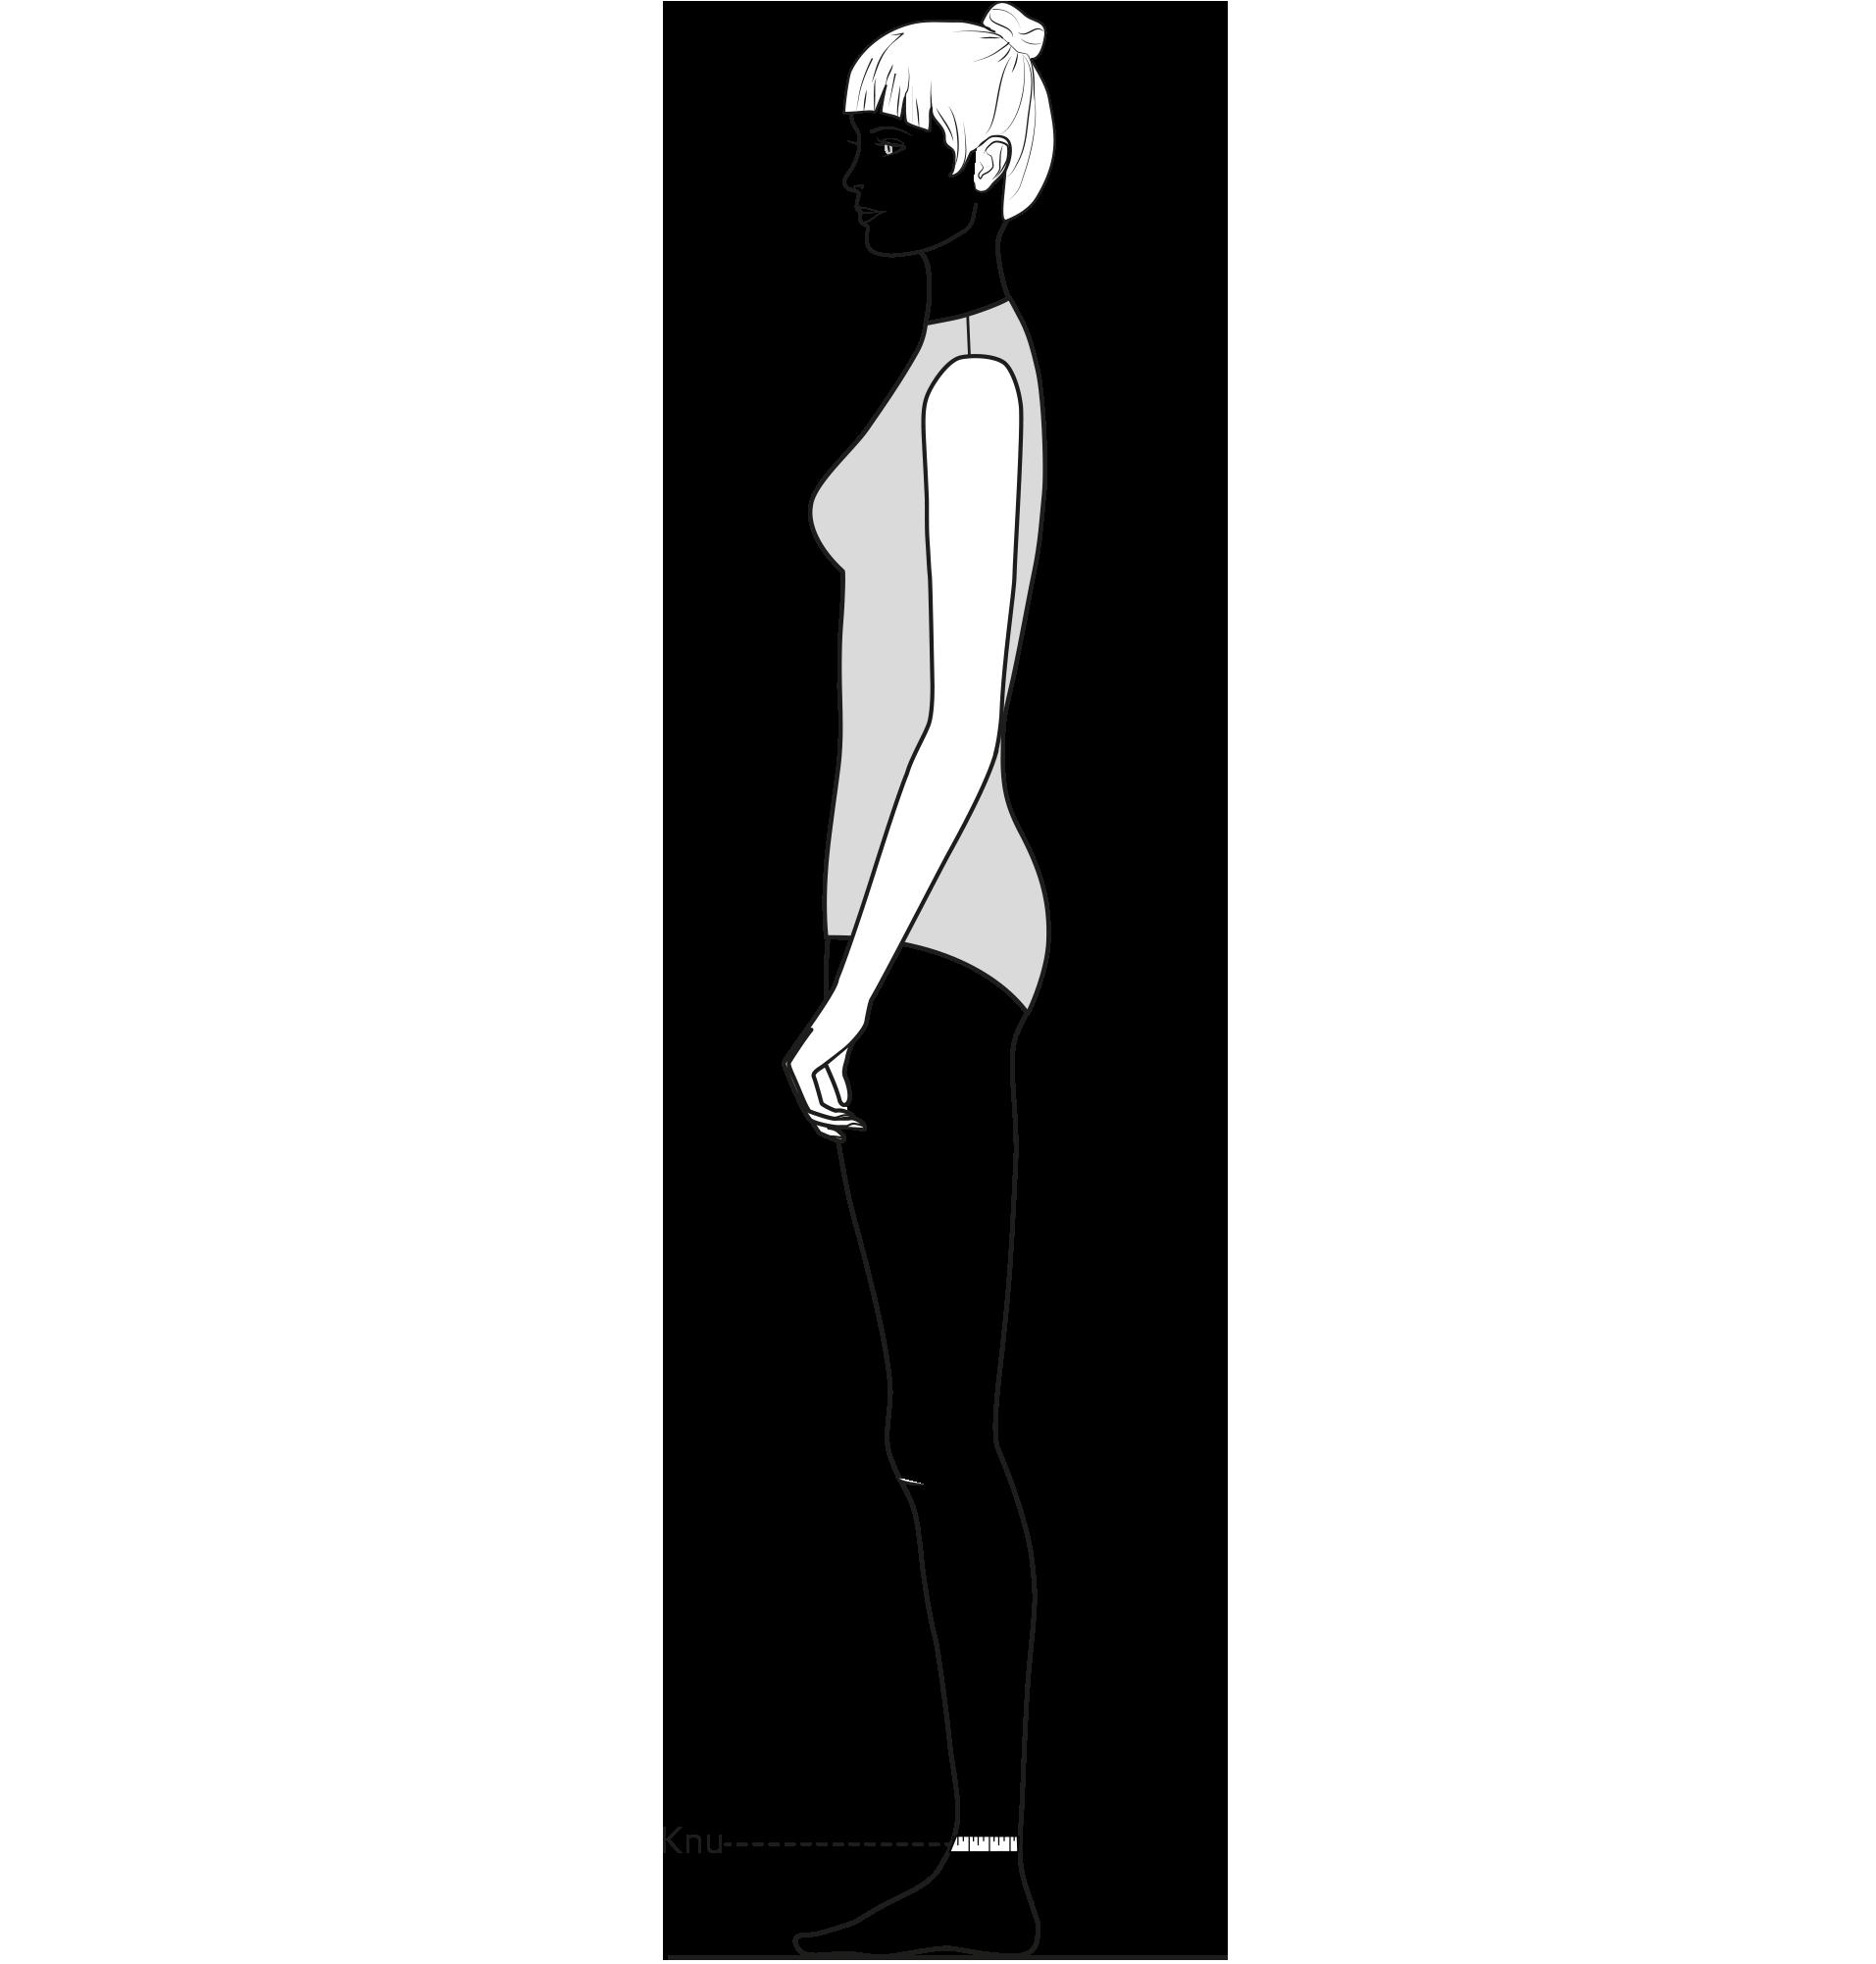 Diese Zeichnung zeigt das Messen des Knöchelumfangs.